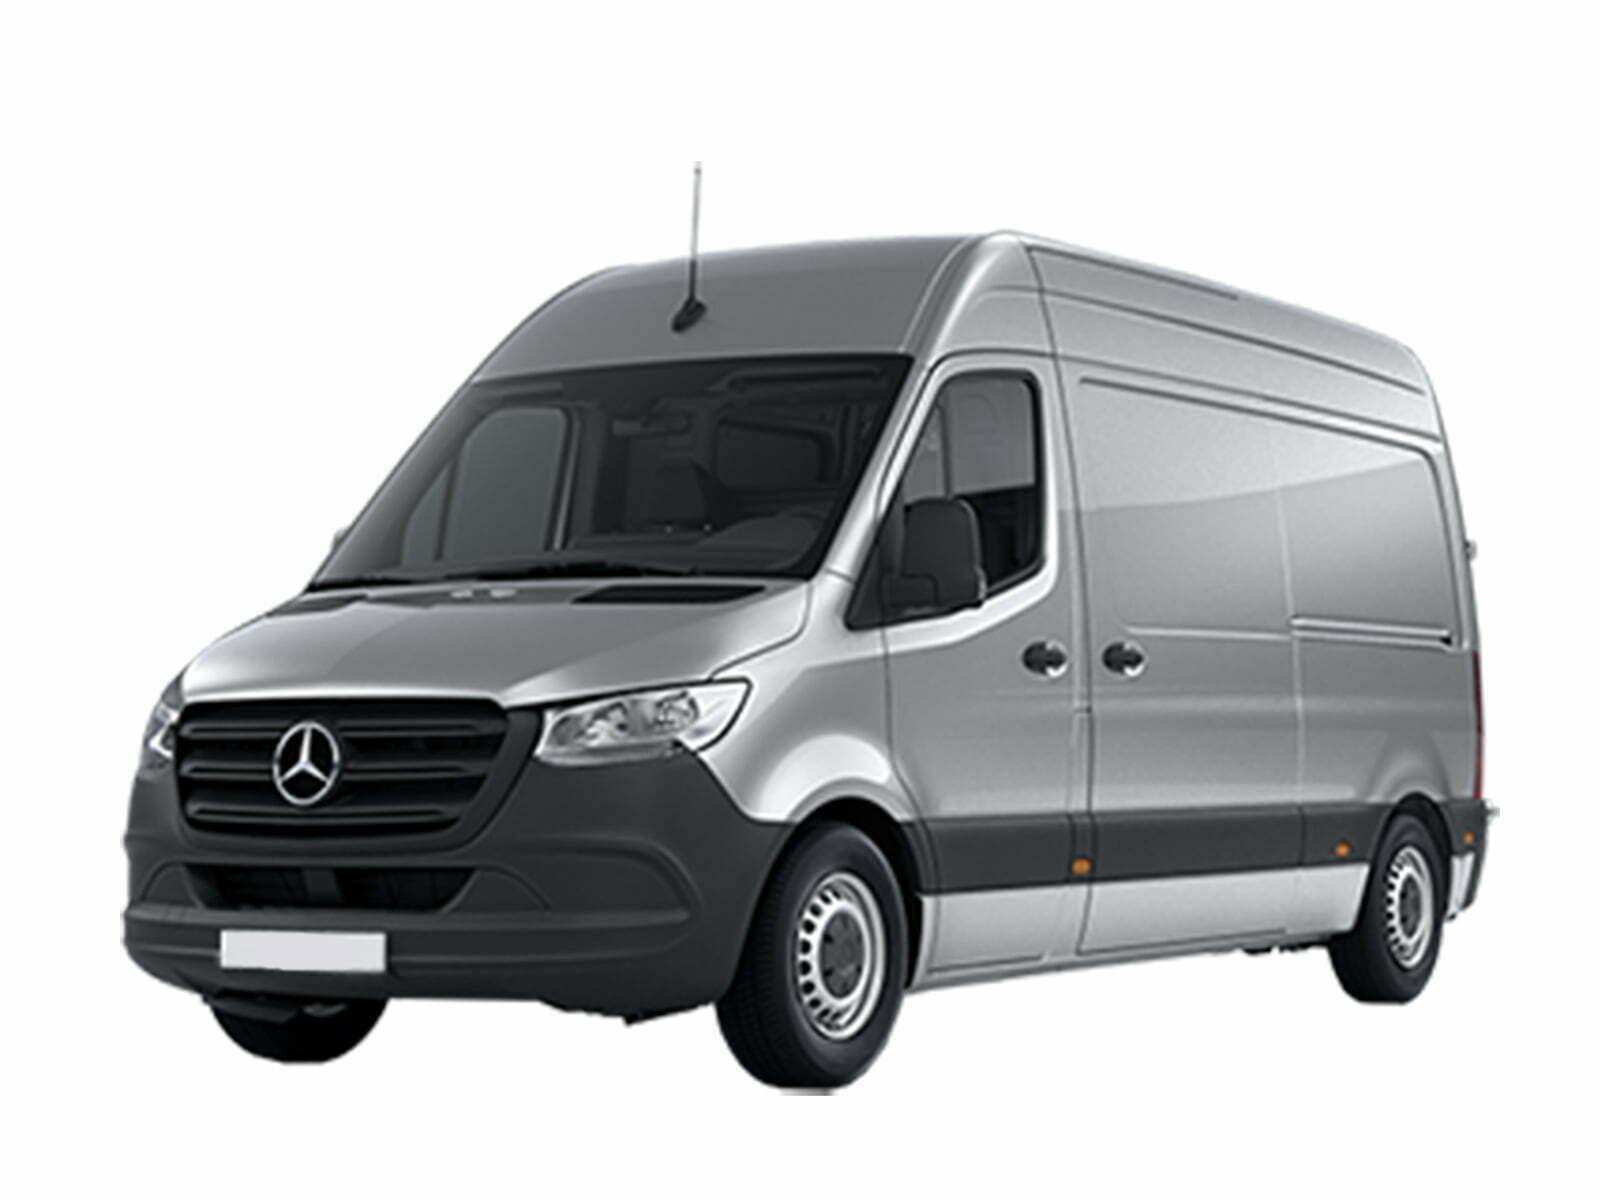 Mercedes-Benz Sprinter 211CDI L1H1 FWD 3.0t 9G-Tronic 6 4d.